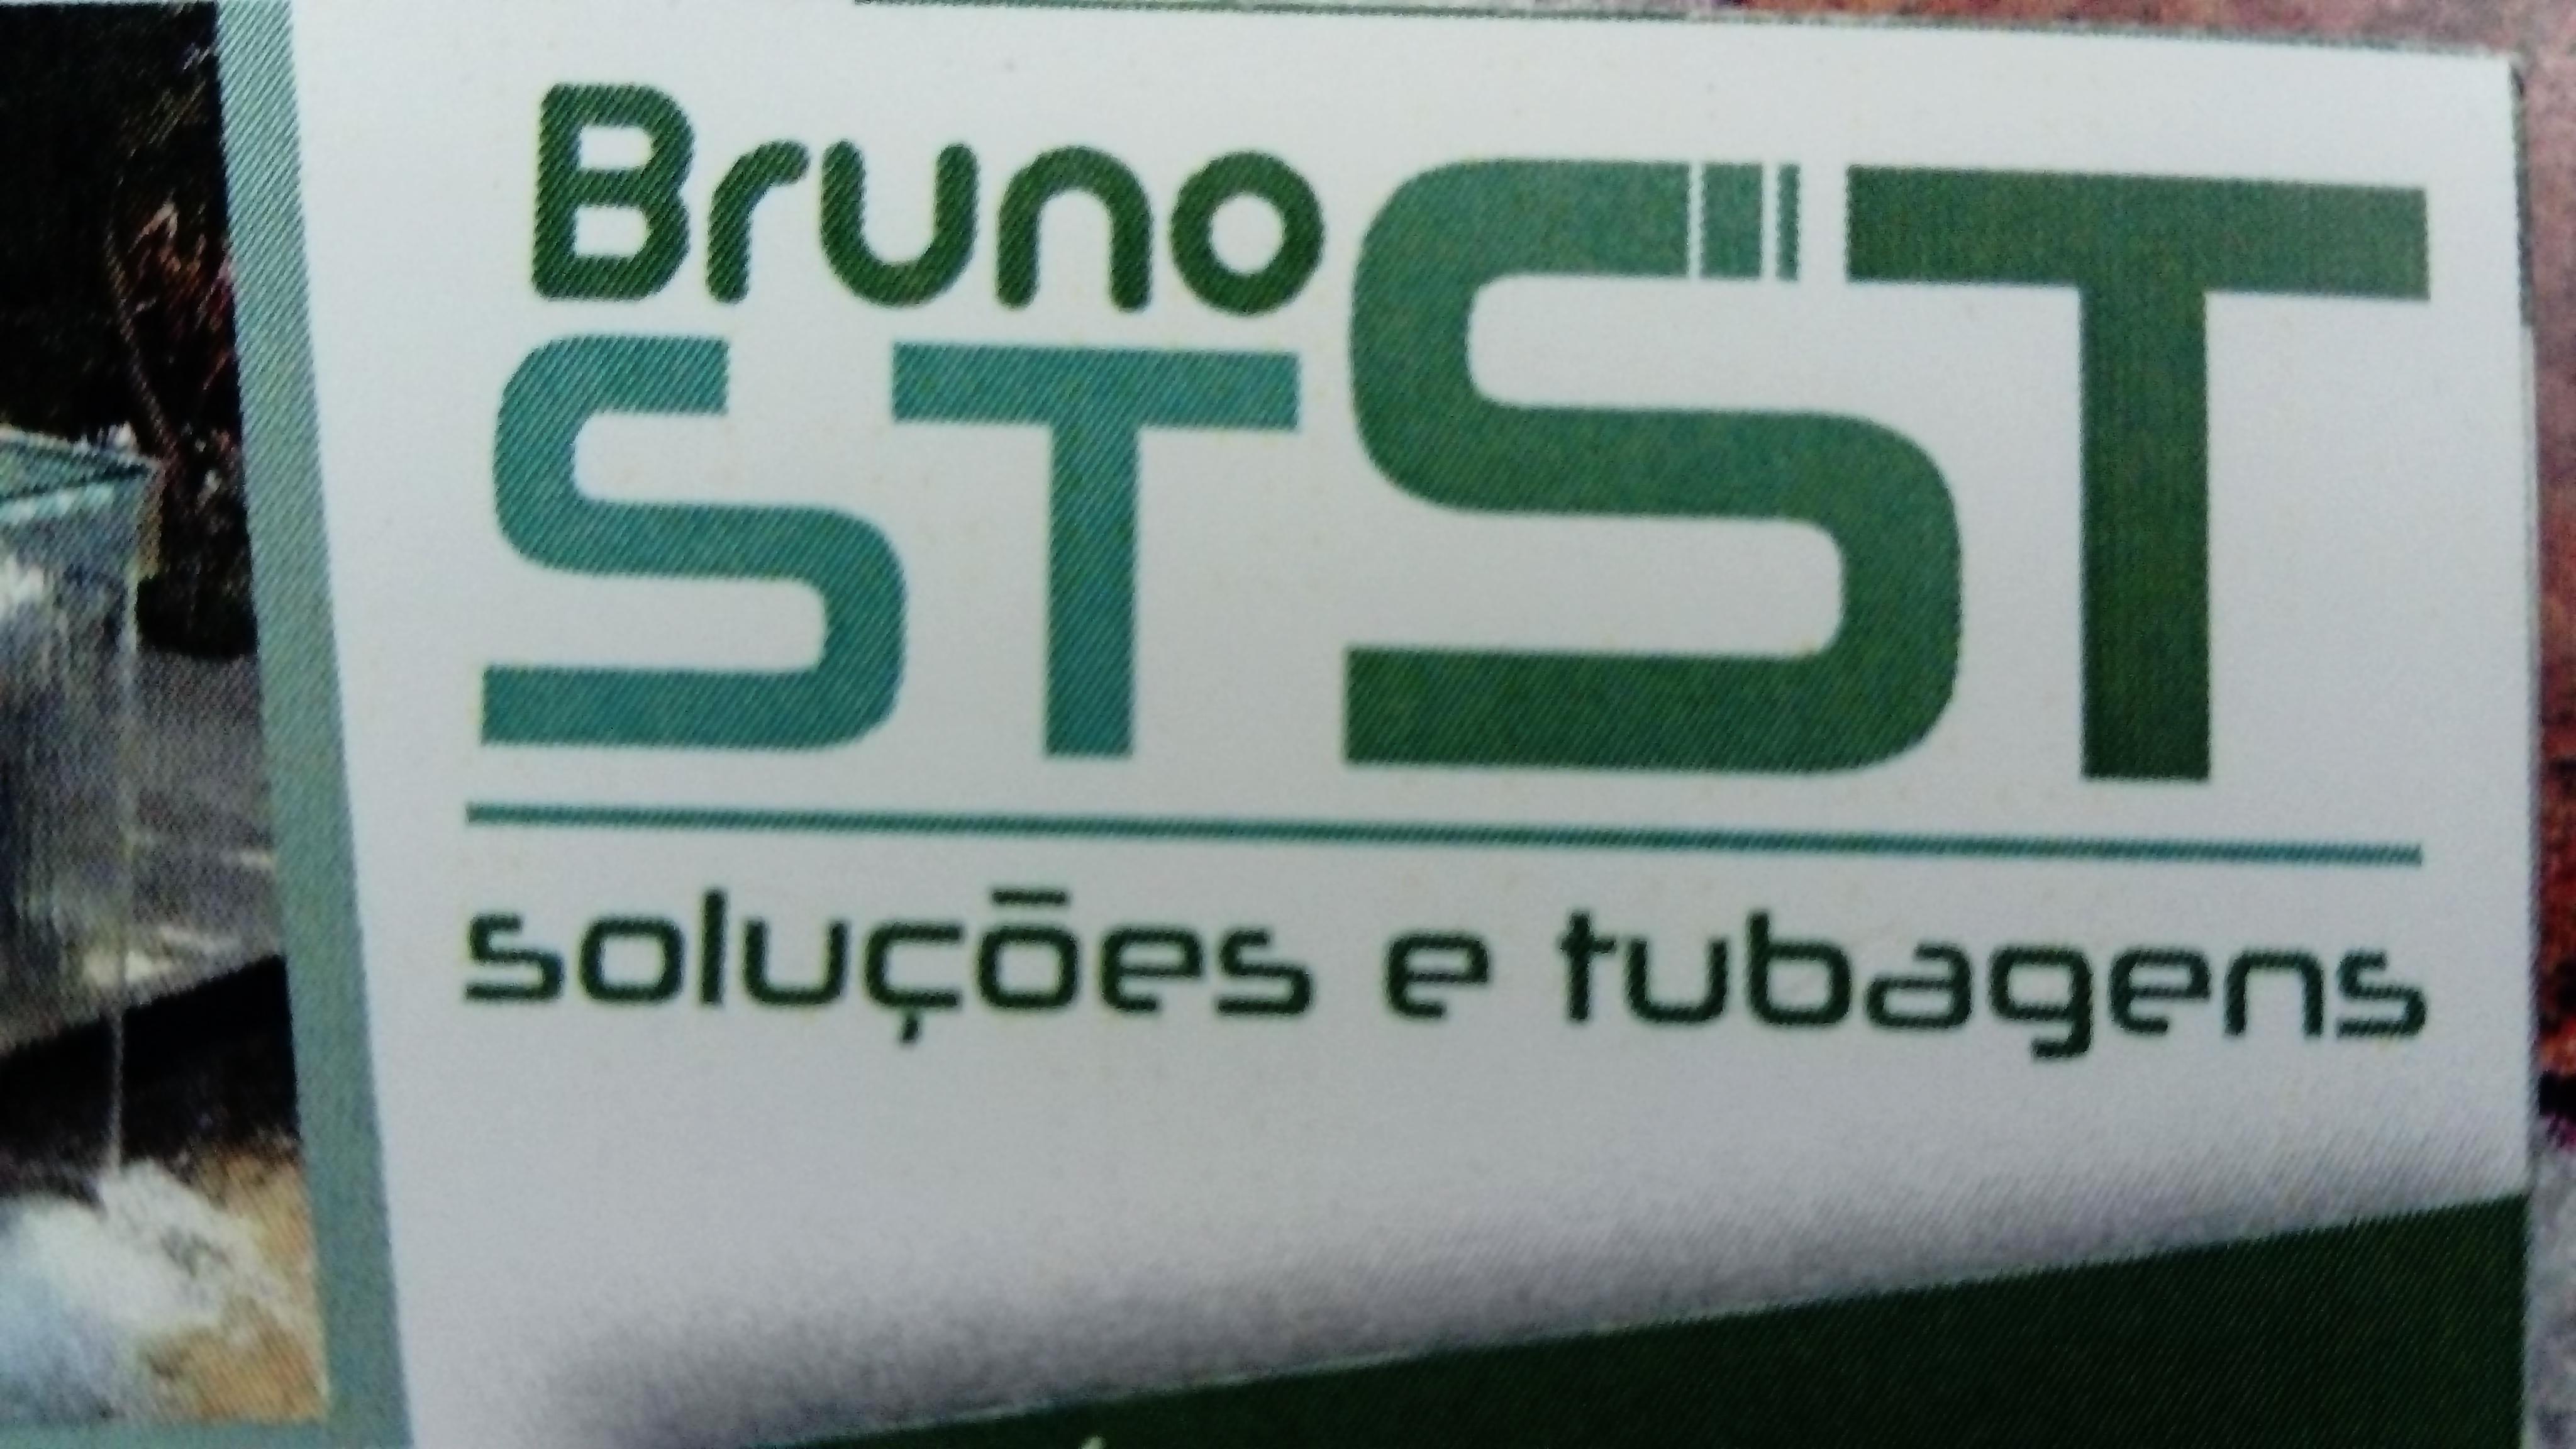 Bruno Stst